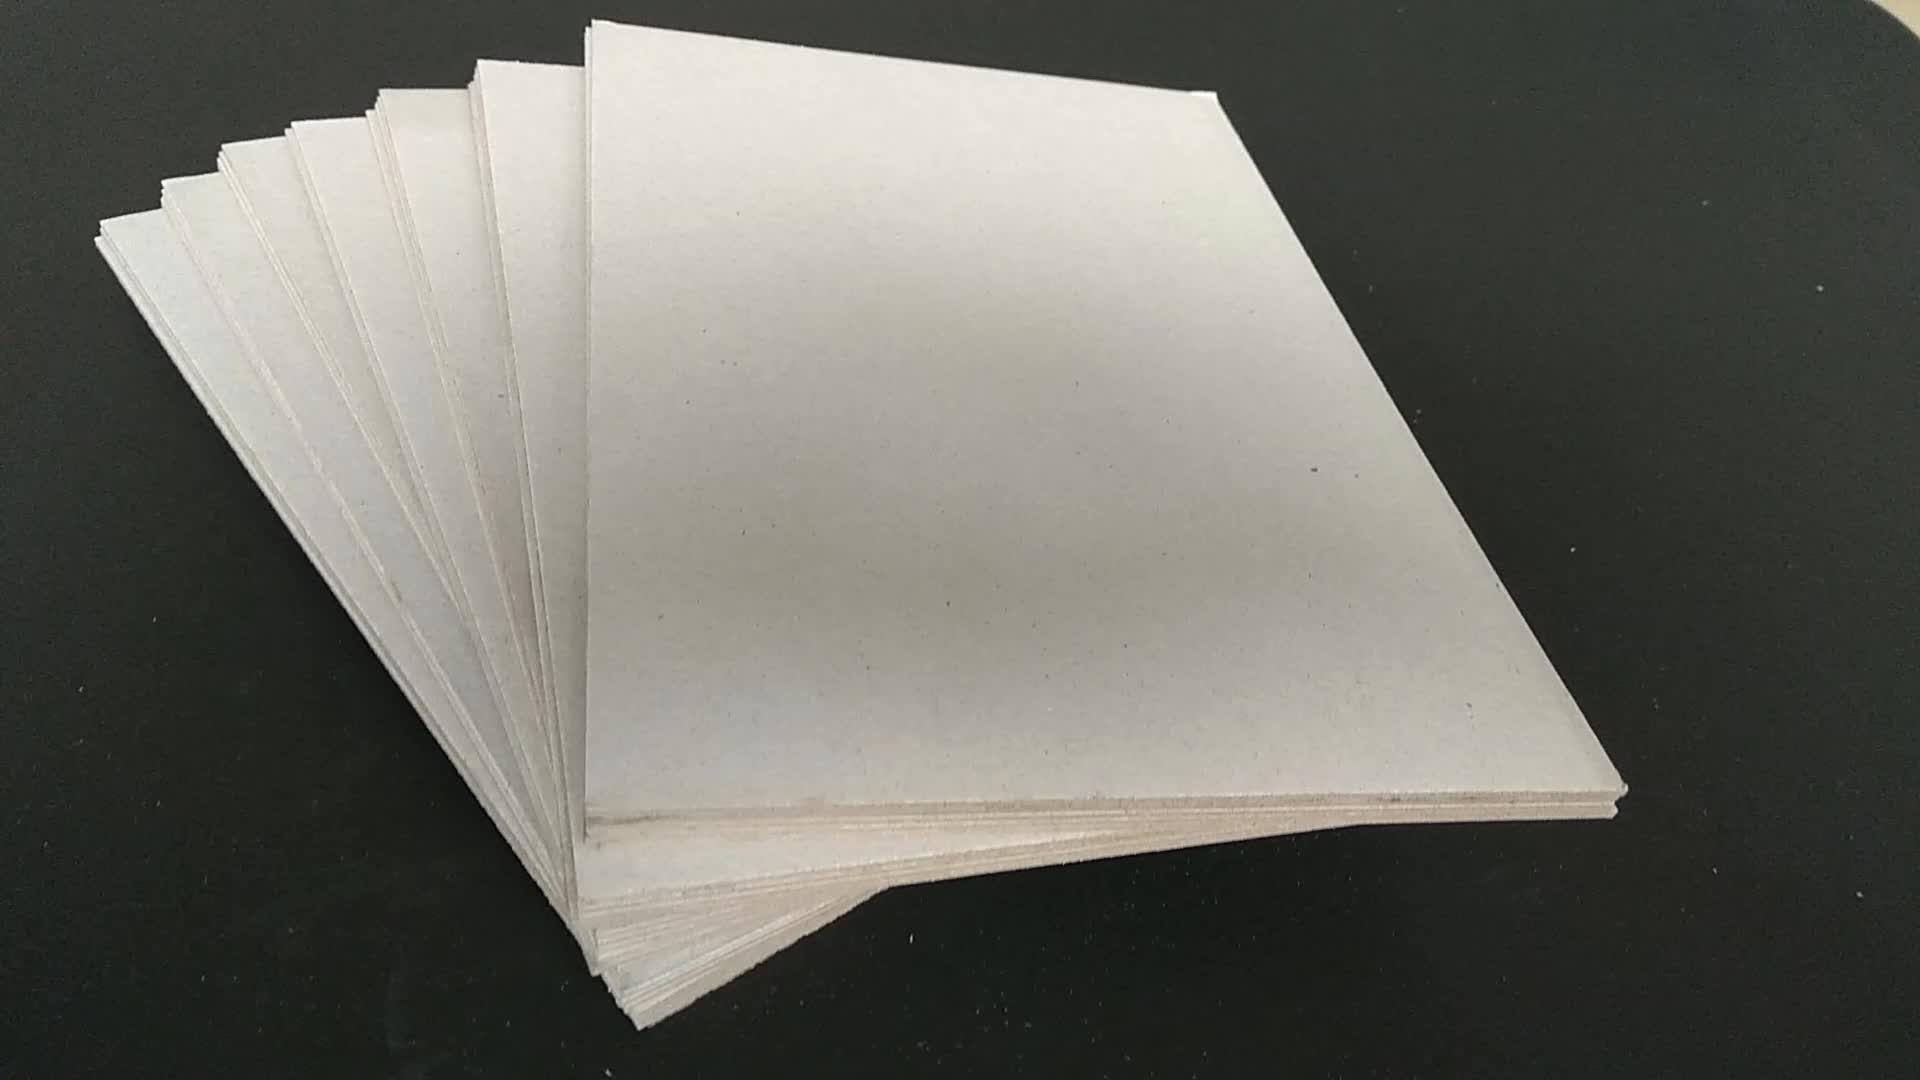 0.3 ถึง 3.5 มม. 250to2500gsm สีเทา Chipboard Duplex ลามิเนตกระดานสีเทา